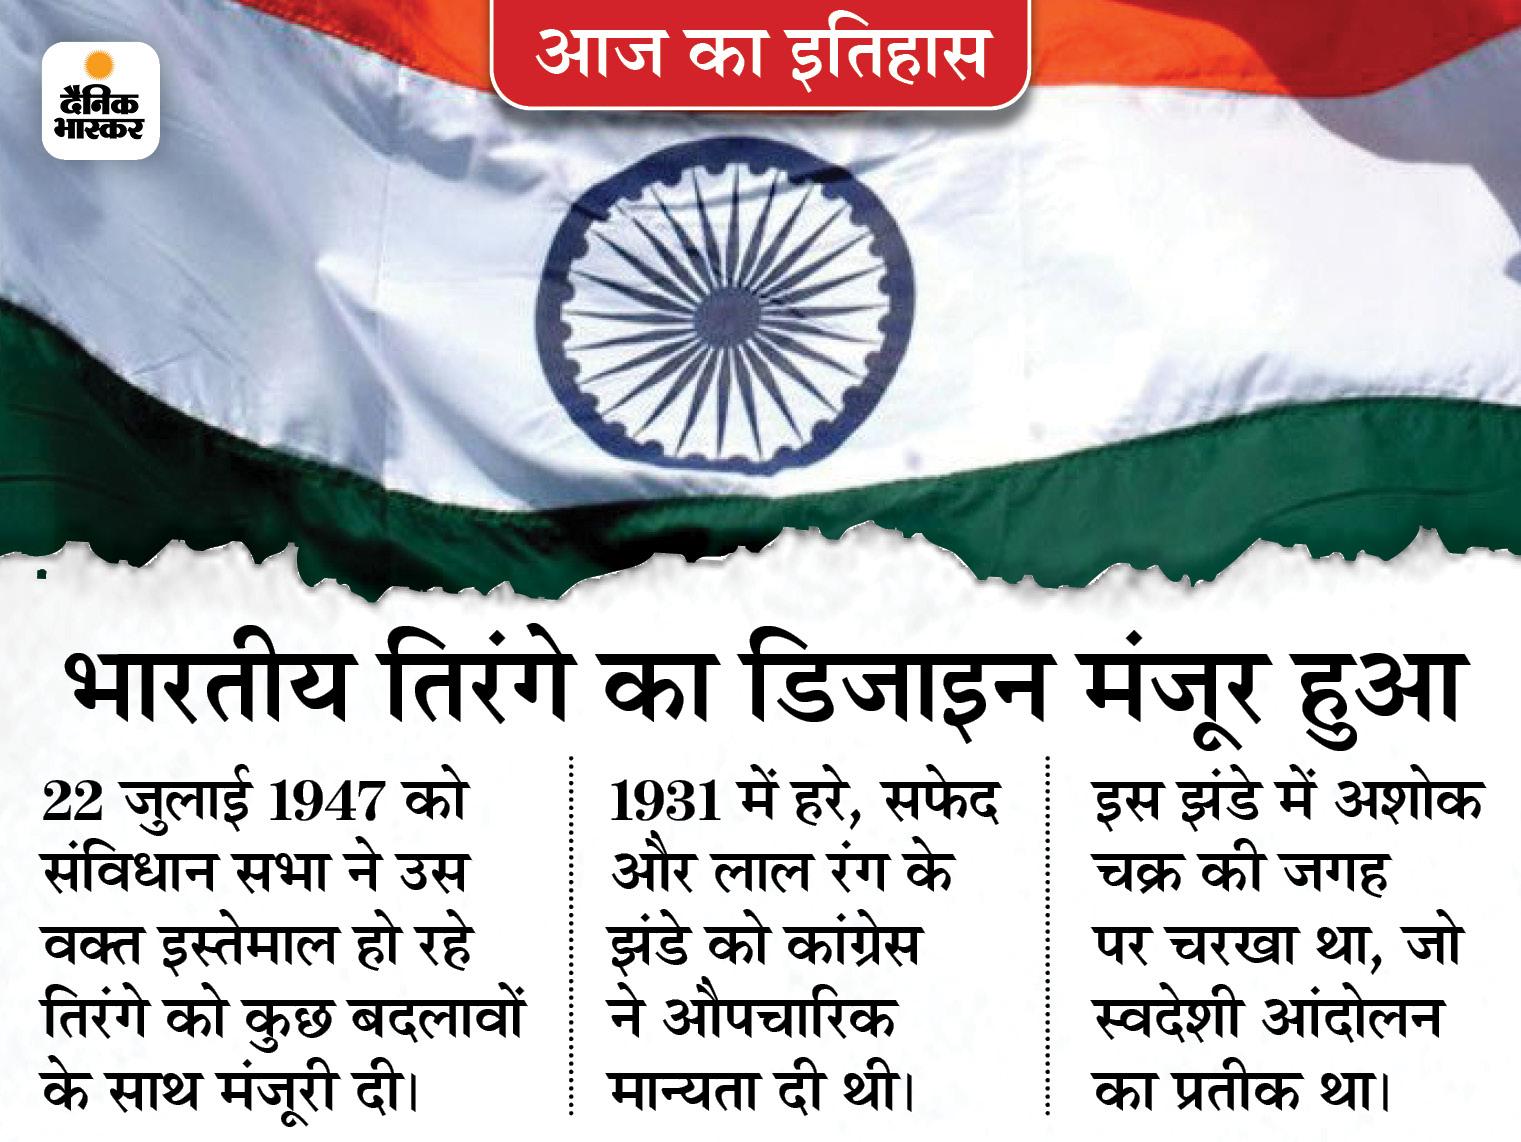 देश की आजादी से 24 दिन पहले तय हुआ कैसा होगा राष्ट्रध्वज, इसमें शामिल हर रंग और अशोक चक्र की भी नई व्याख्या हुई|देश,National - Dainik Bhaskar